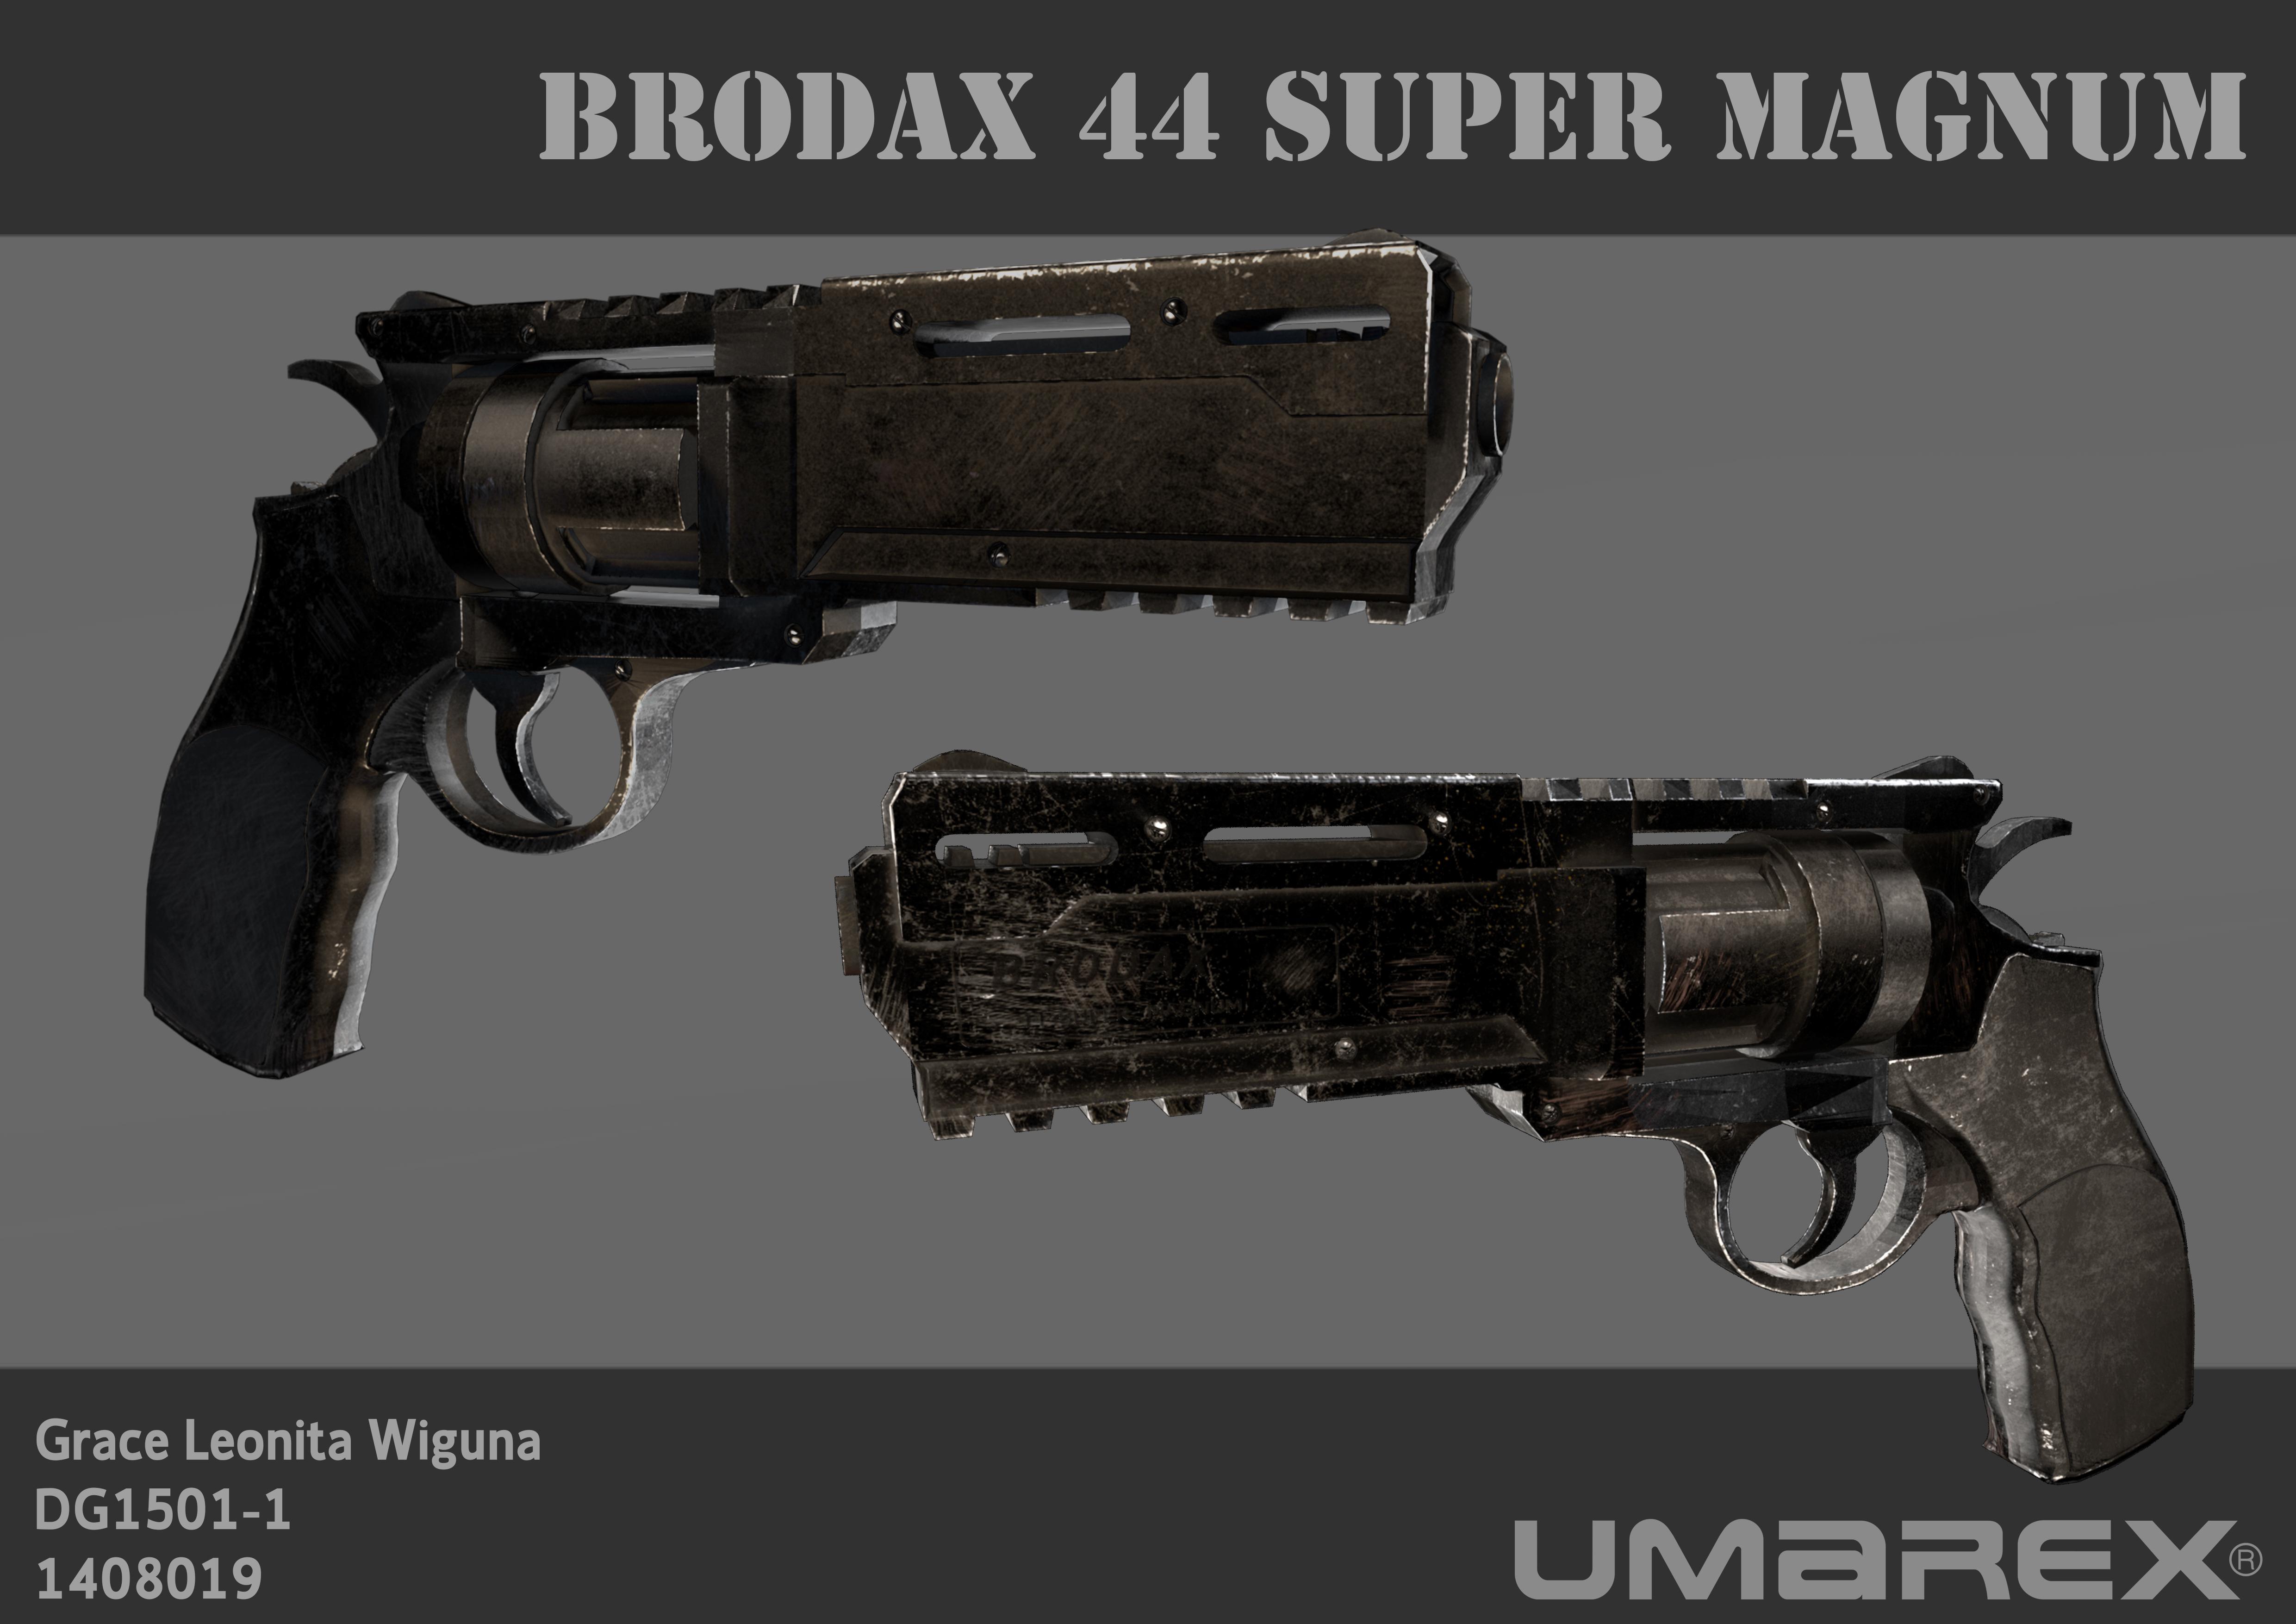 Brodax 44 Super Magnum